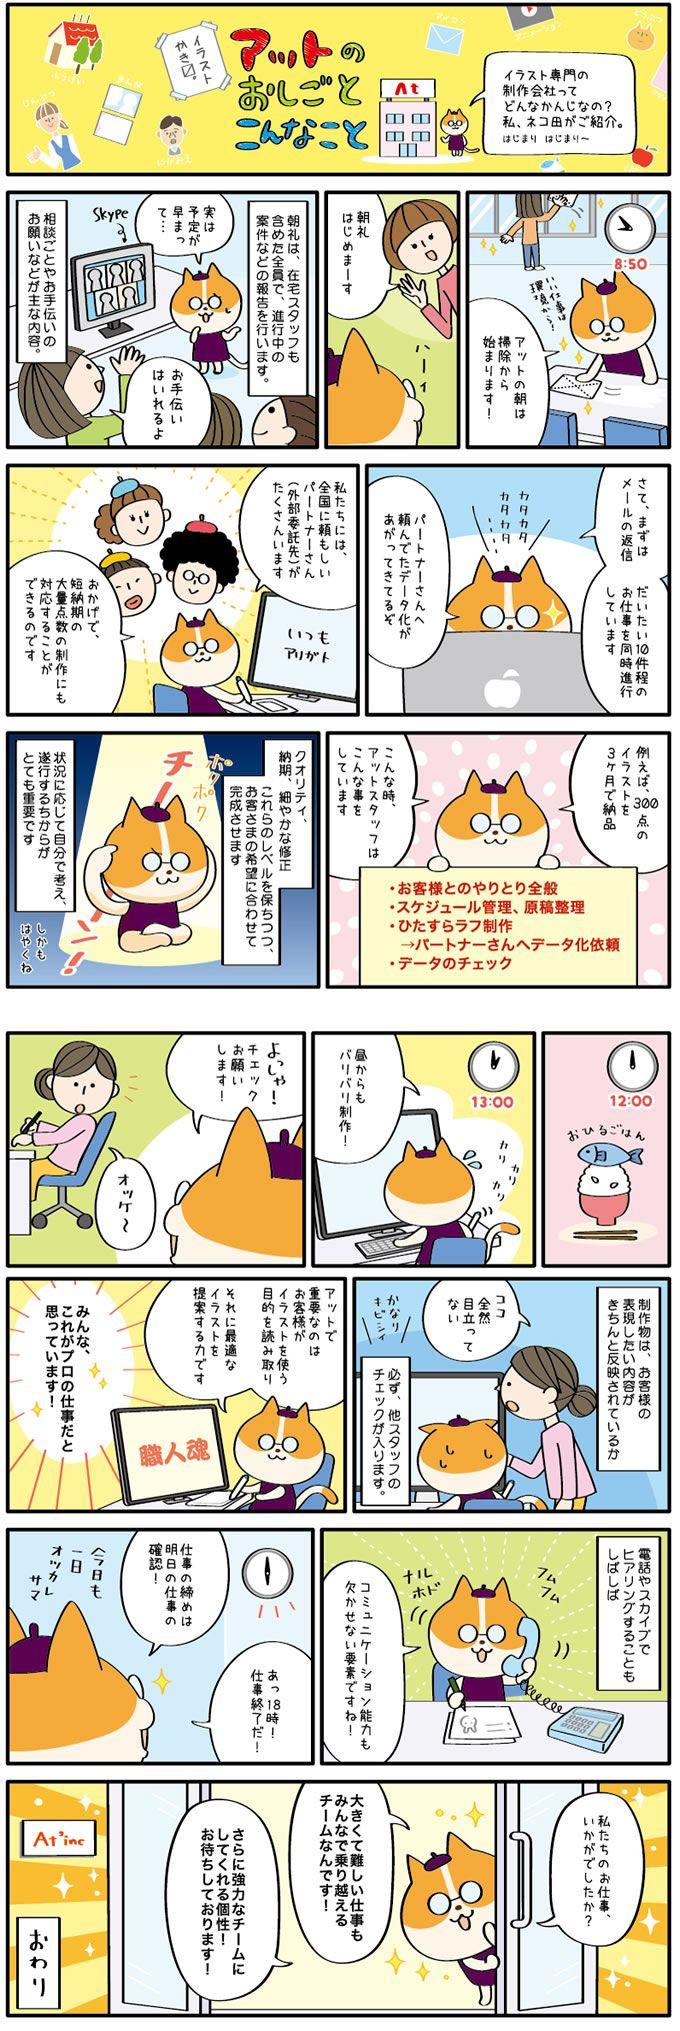 A125-01 業務・仕事紹介マンガ・猫